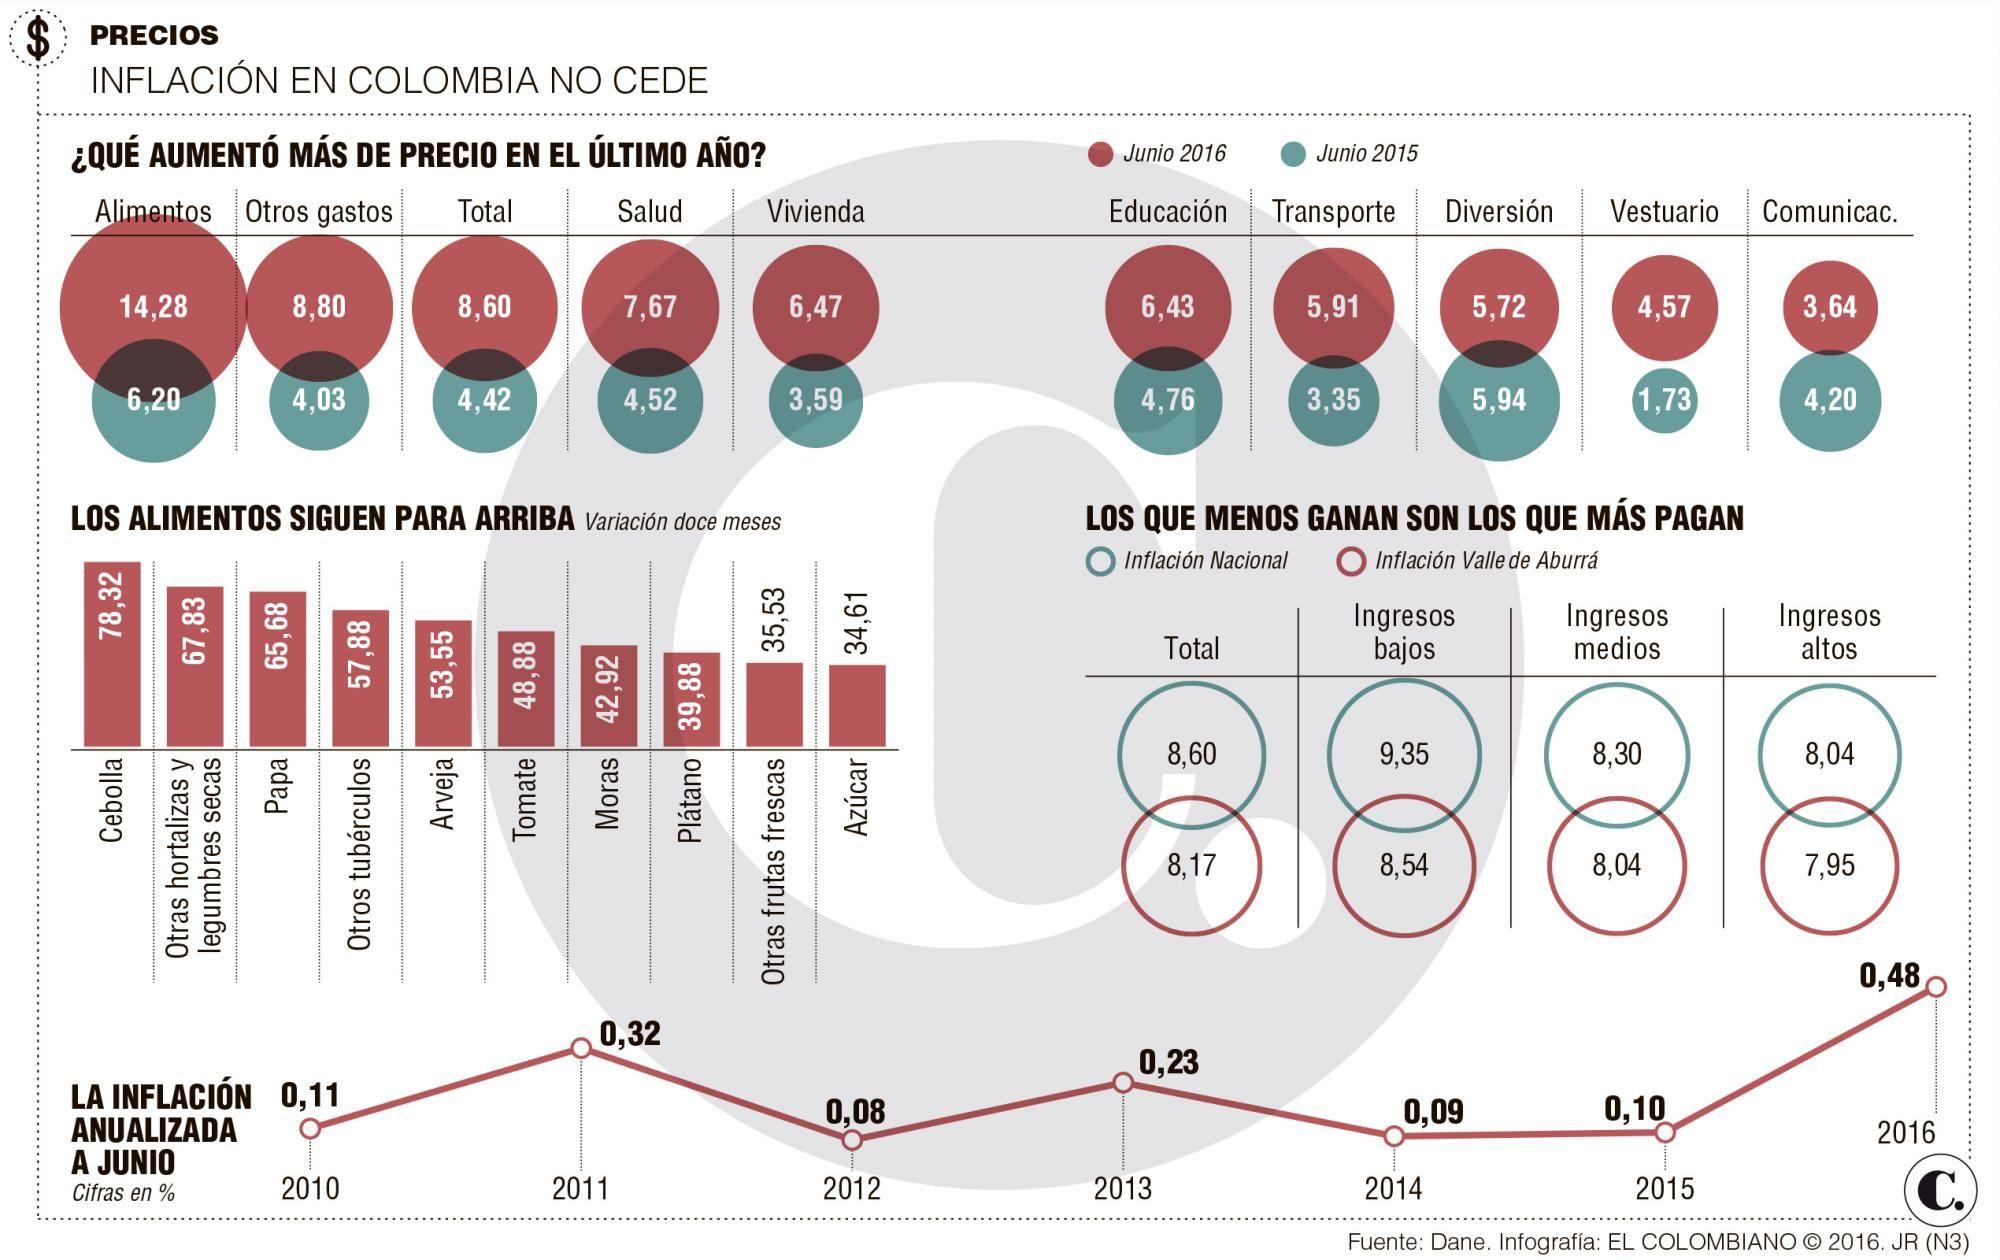 Inflaci n en colombia haga cuentas para 2017